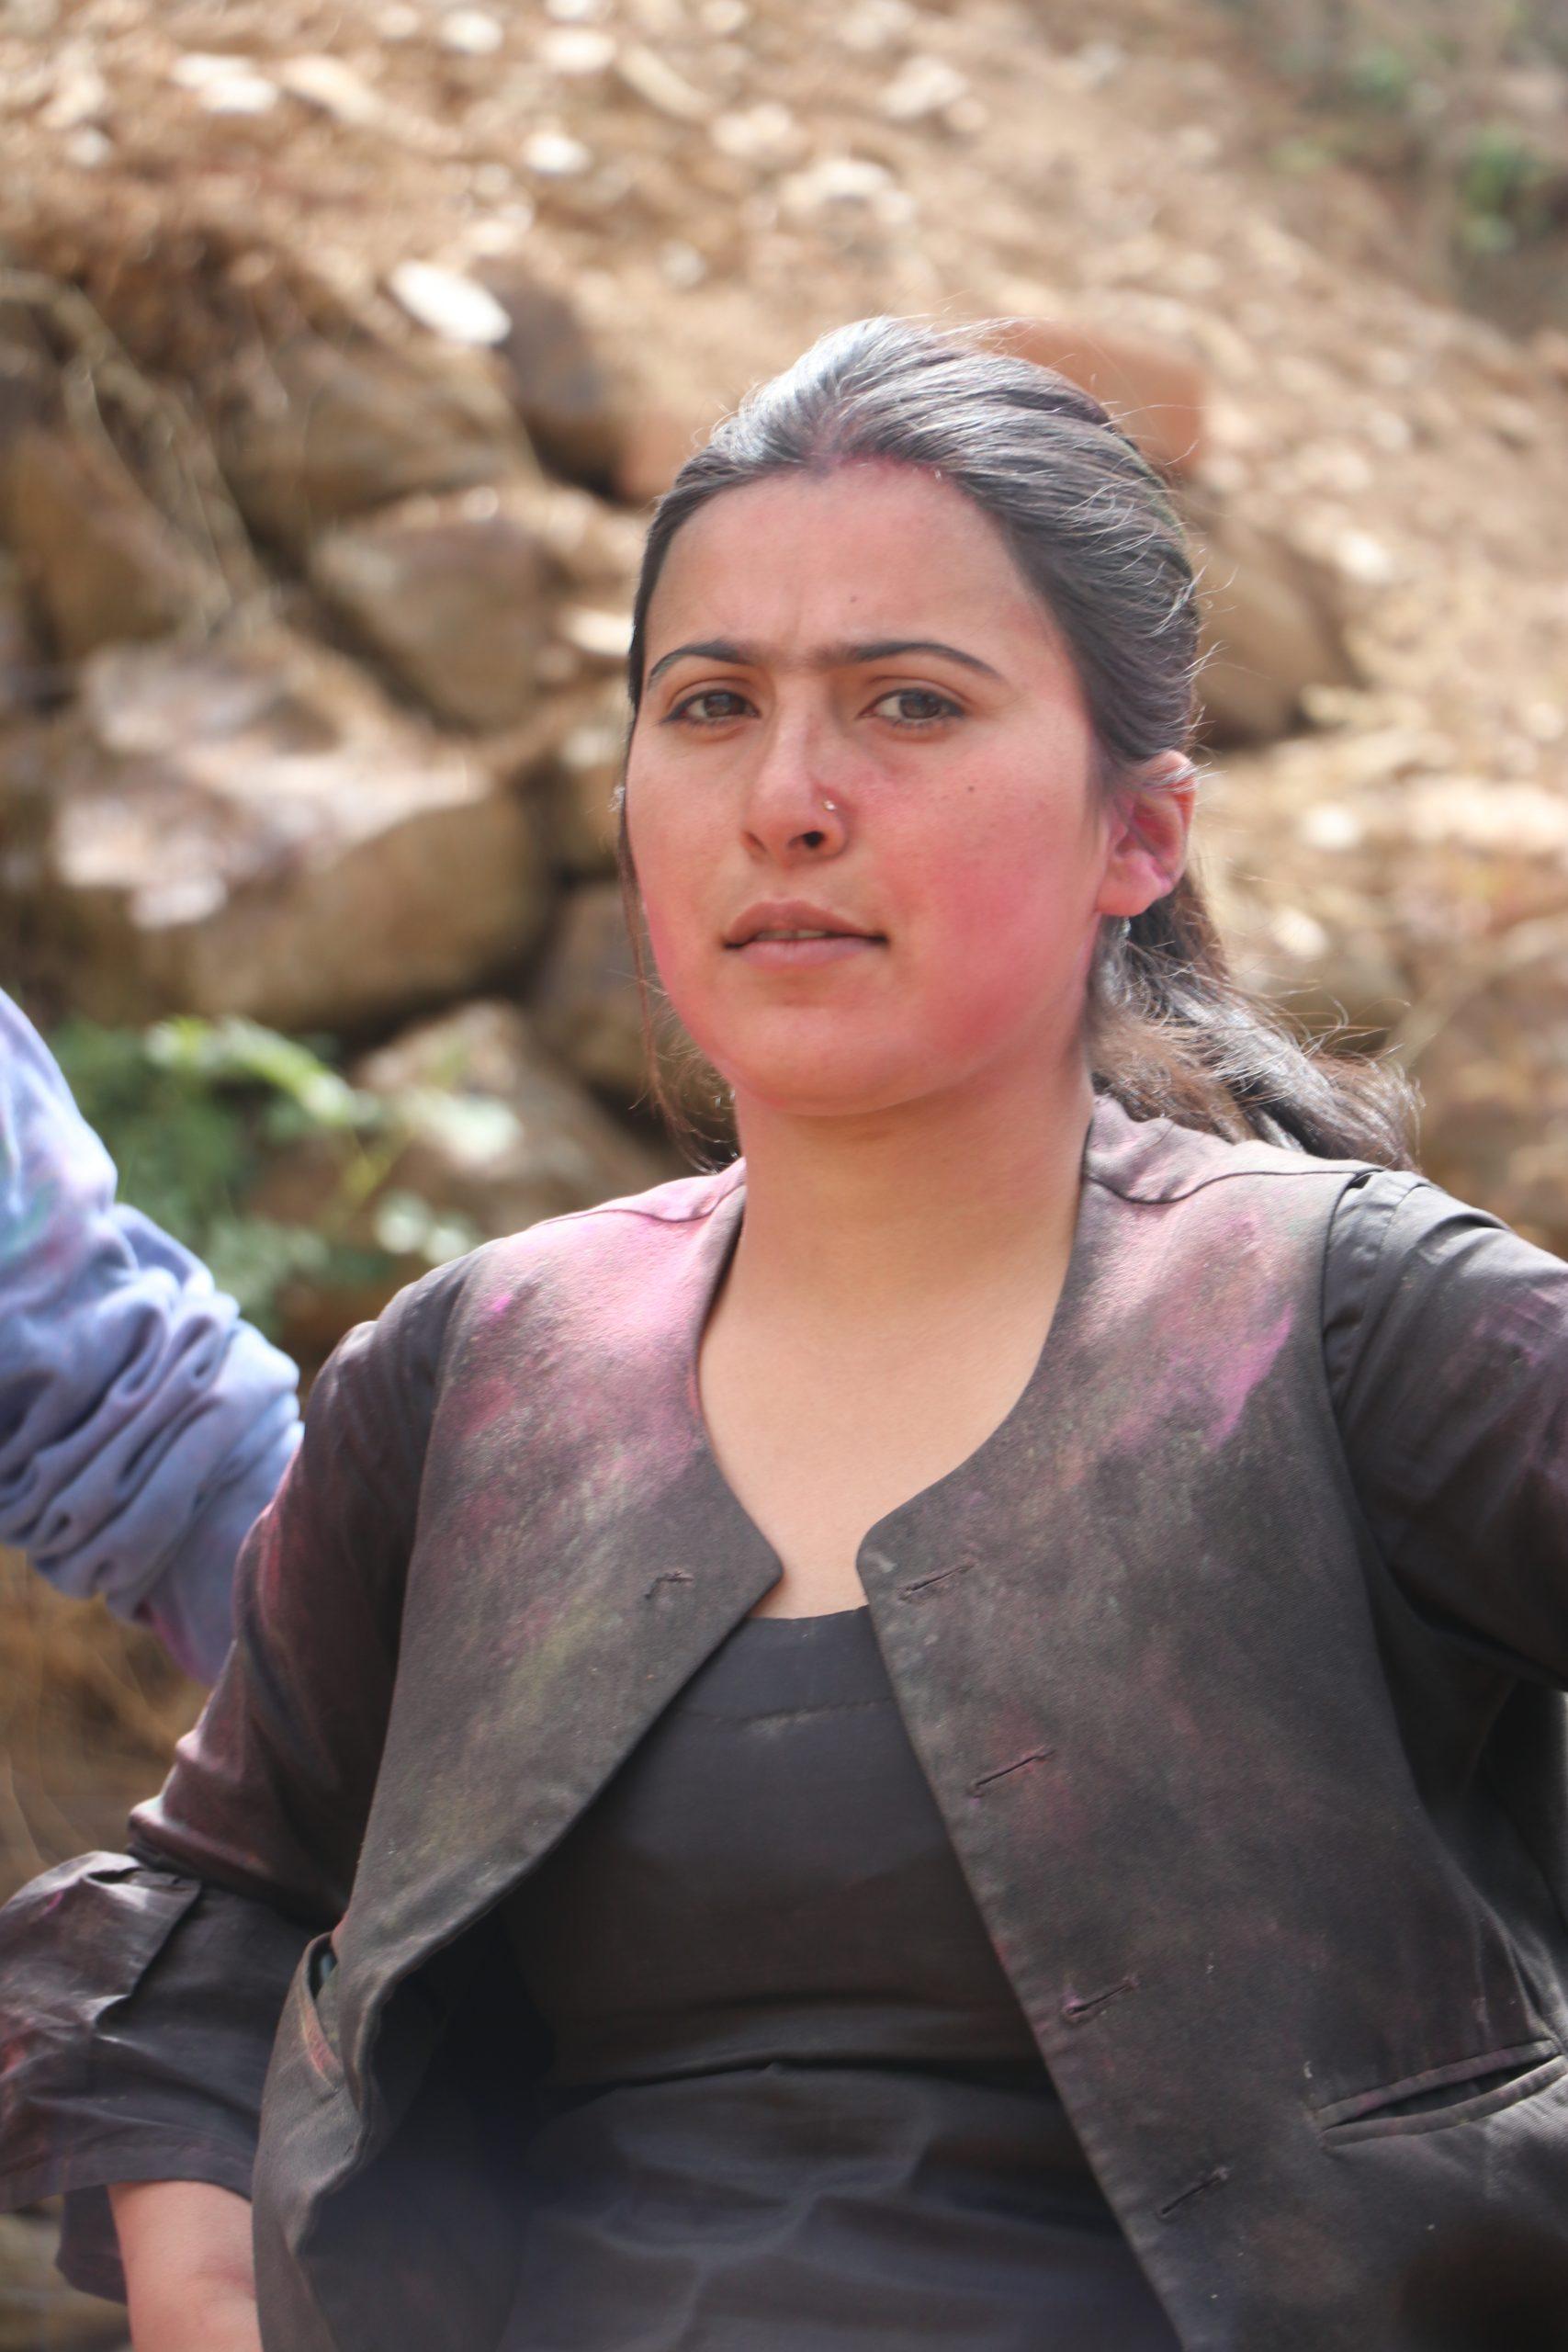 Girl posing during Holi